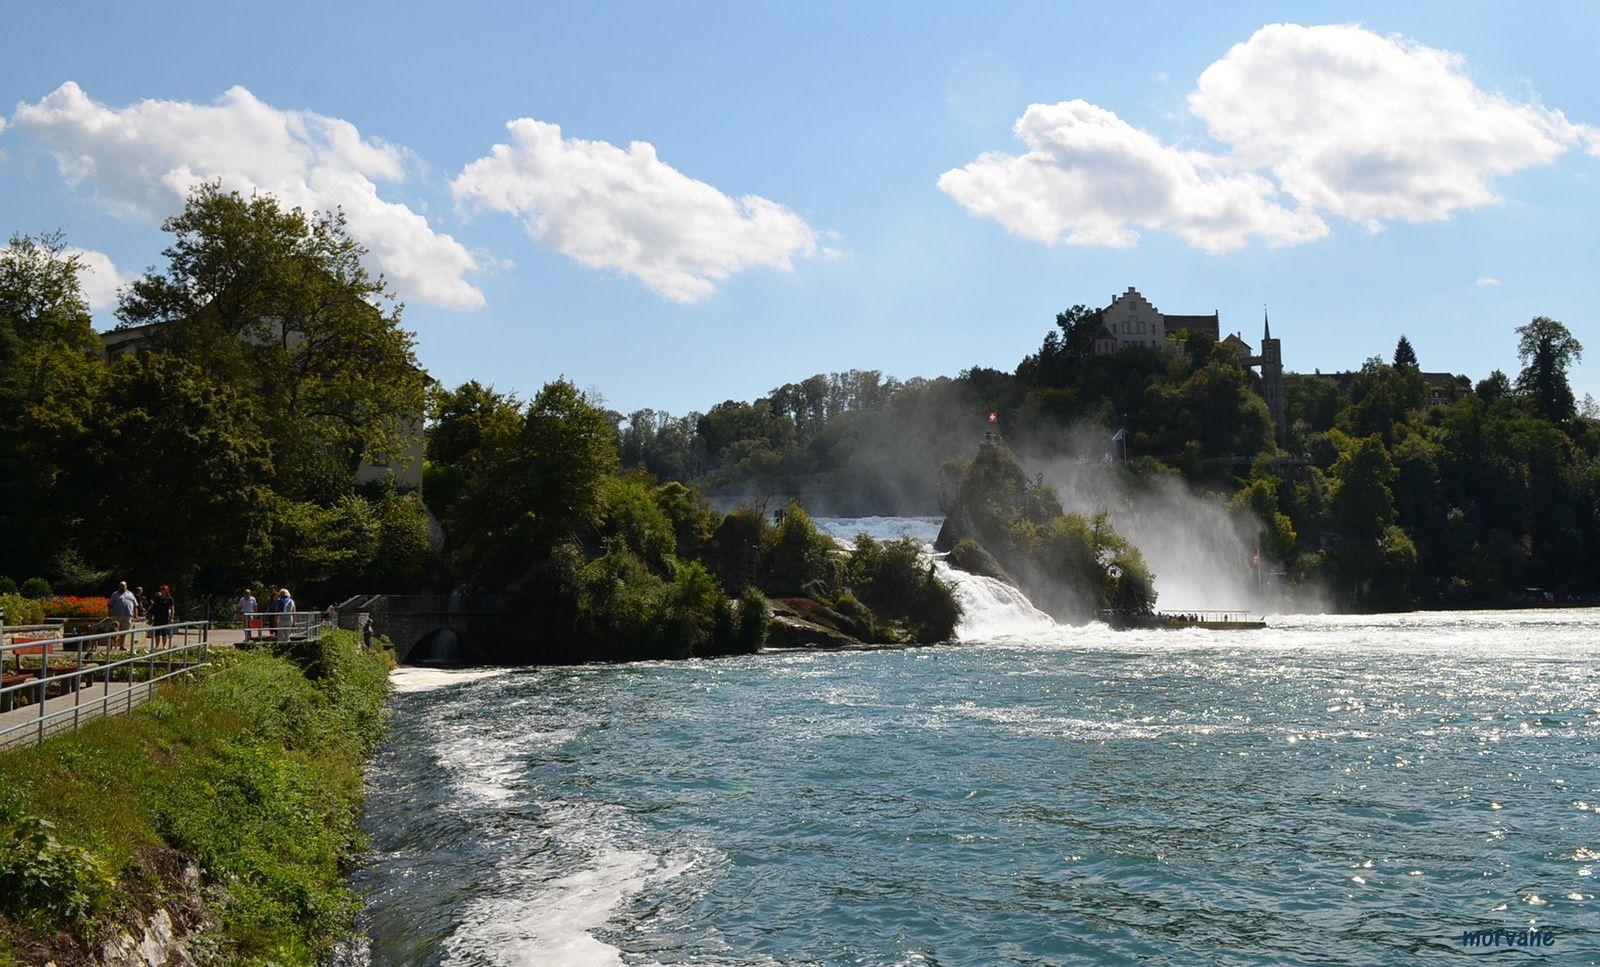 Le fleuve a creusé un méandre assez large ici, comme s'il voulait exhiber beauté et puissance. Les visiteurs ont tout le loisir de le contempler, en suivant le chemin qui longe la rive.